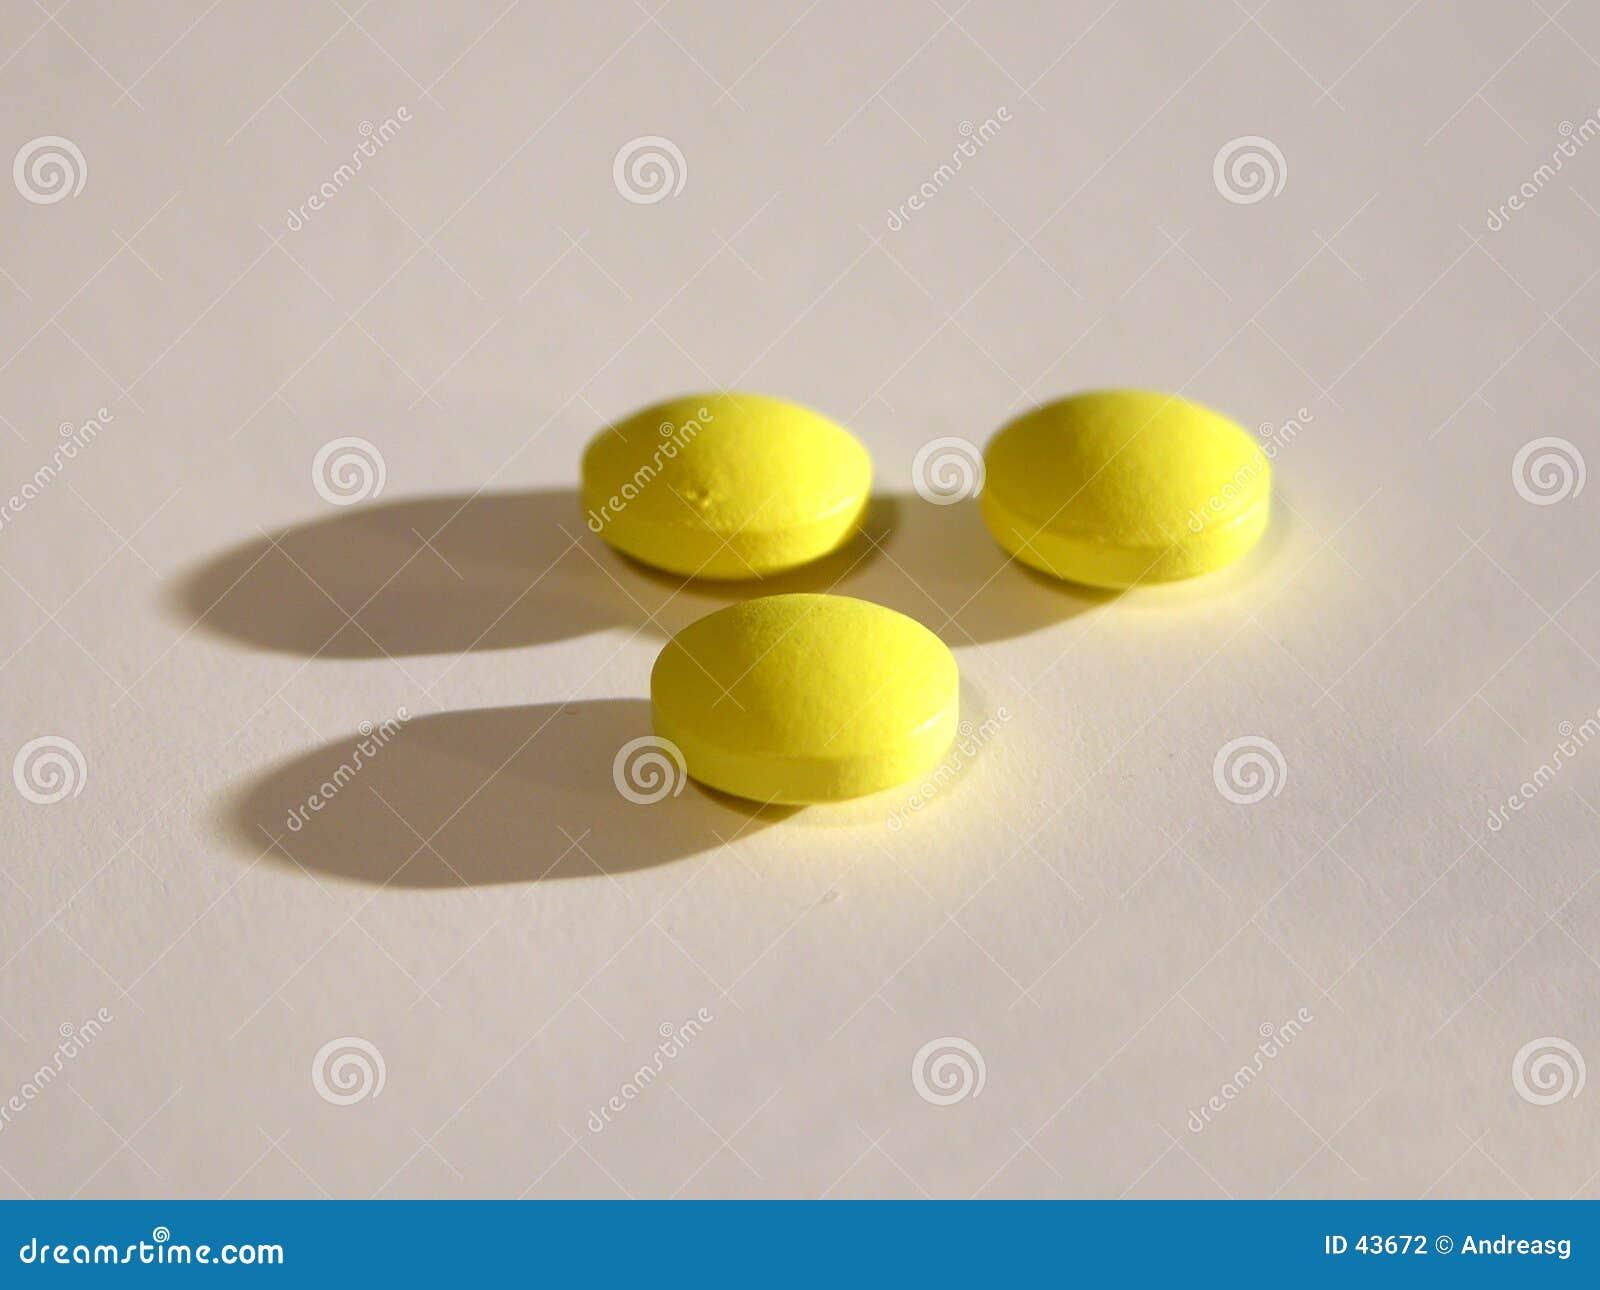 Download 3 píldoras amarillas foto de archivo. Imagen de drogas, píldora - 43672